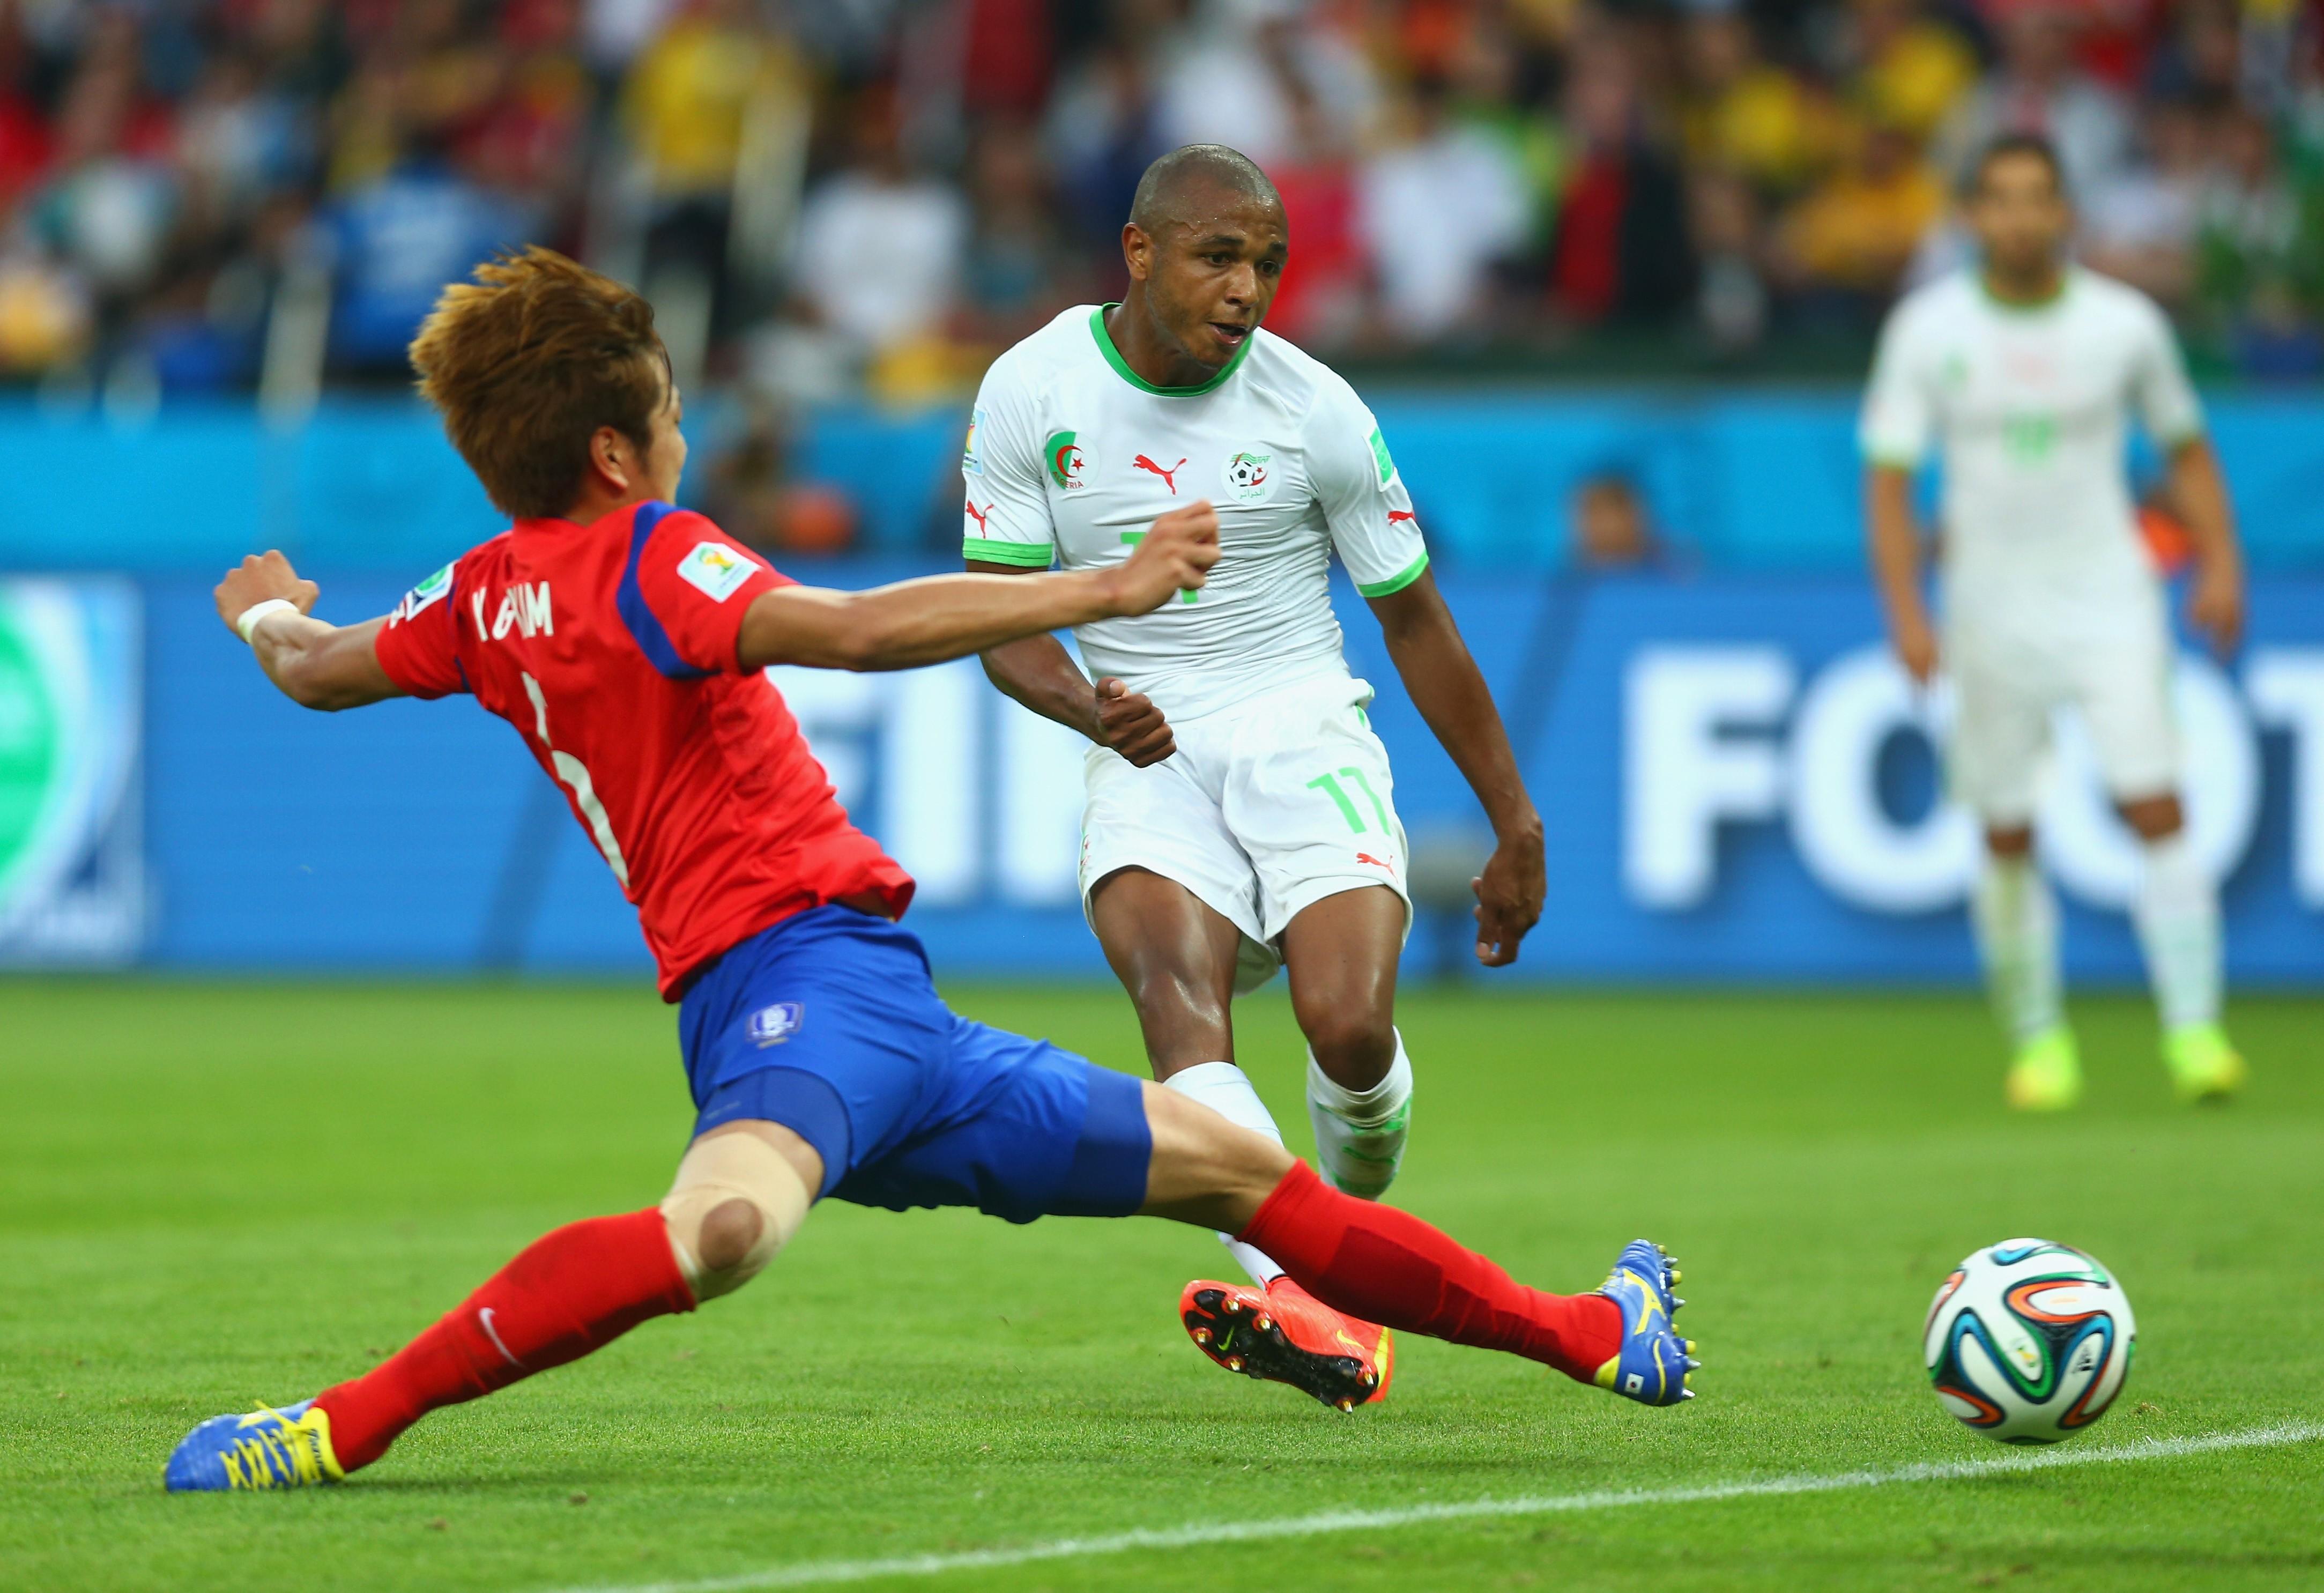 Південна Корея – Алжир 2:4. Душевний футбол - изображение 6